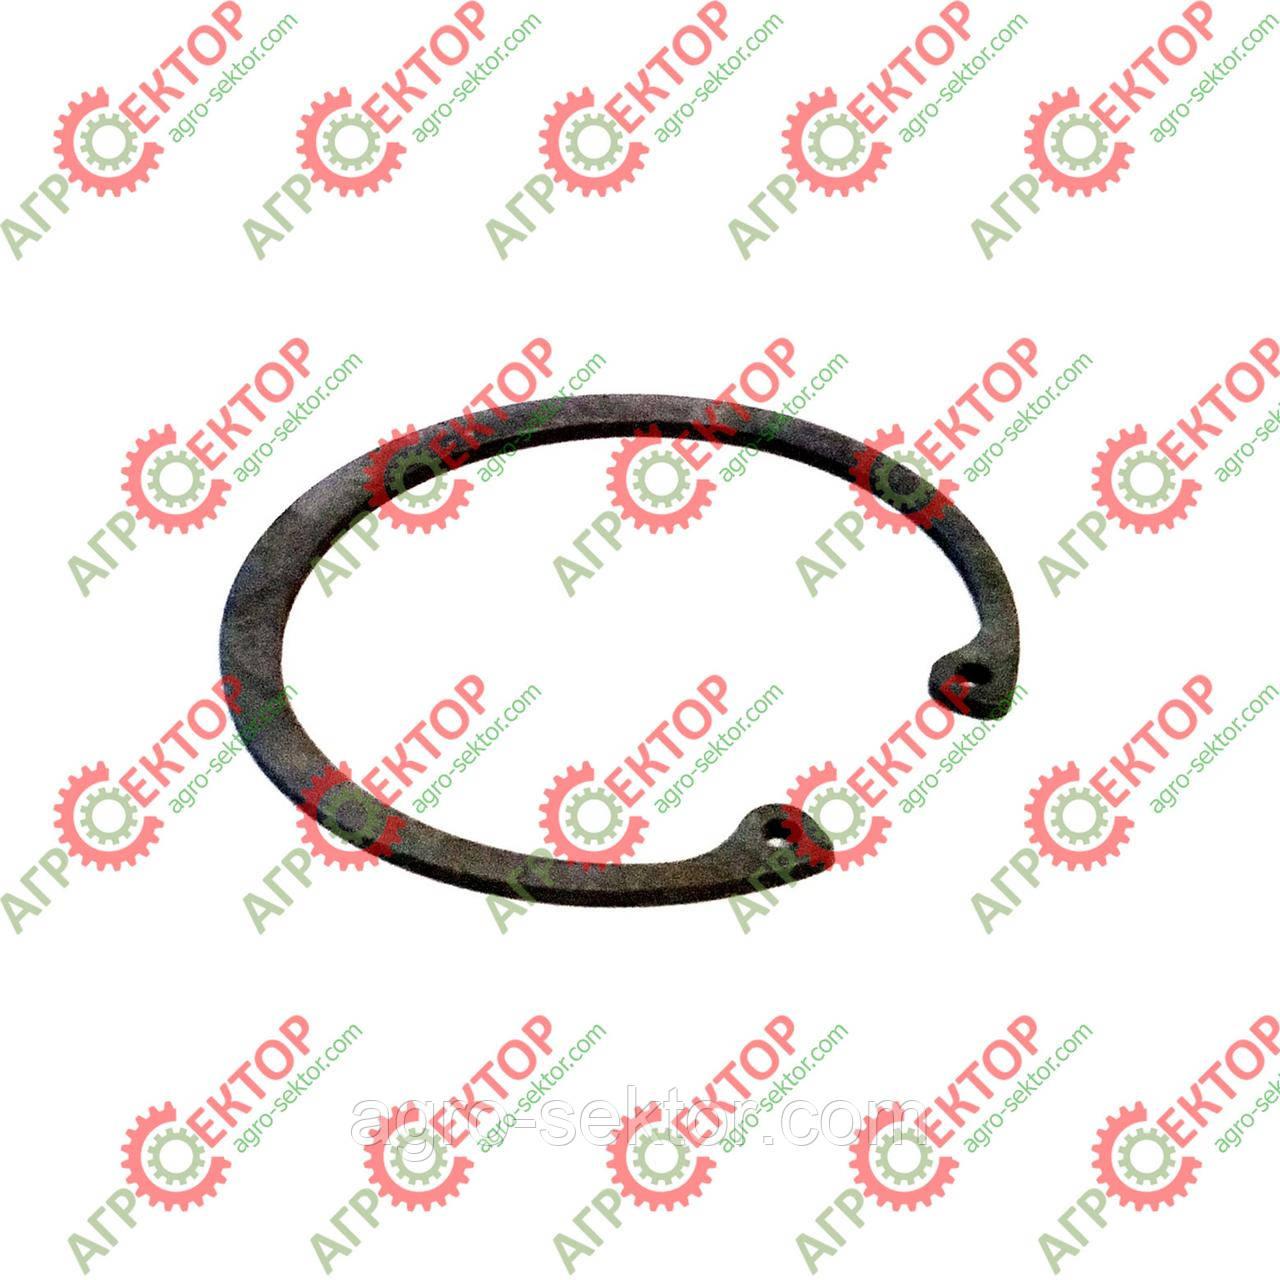 Кільце стопорне 52 мм внутрішне ступиці правої меншої на пресс-підборщик Sipma Z-224 0639-361-053